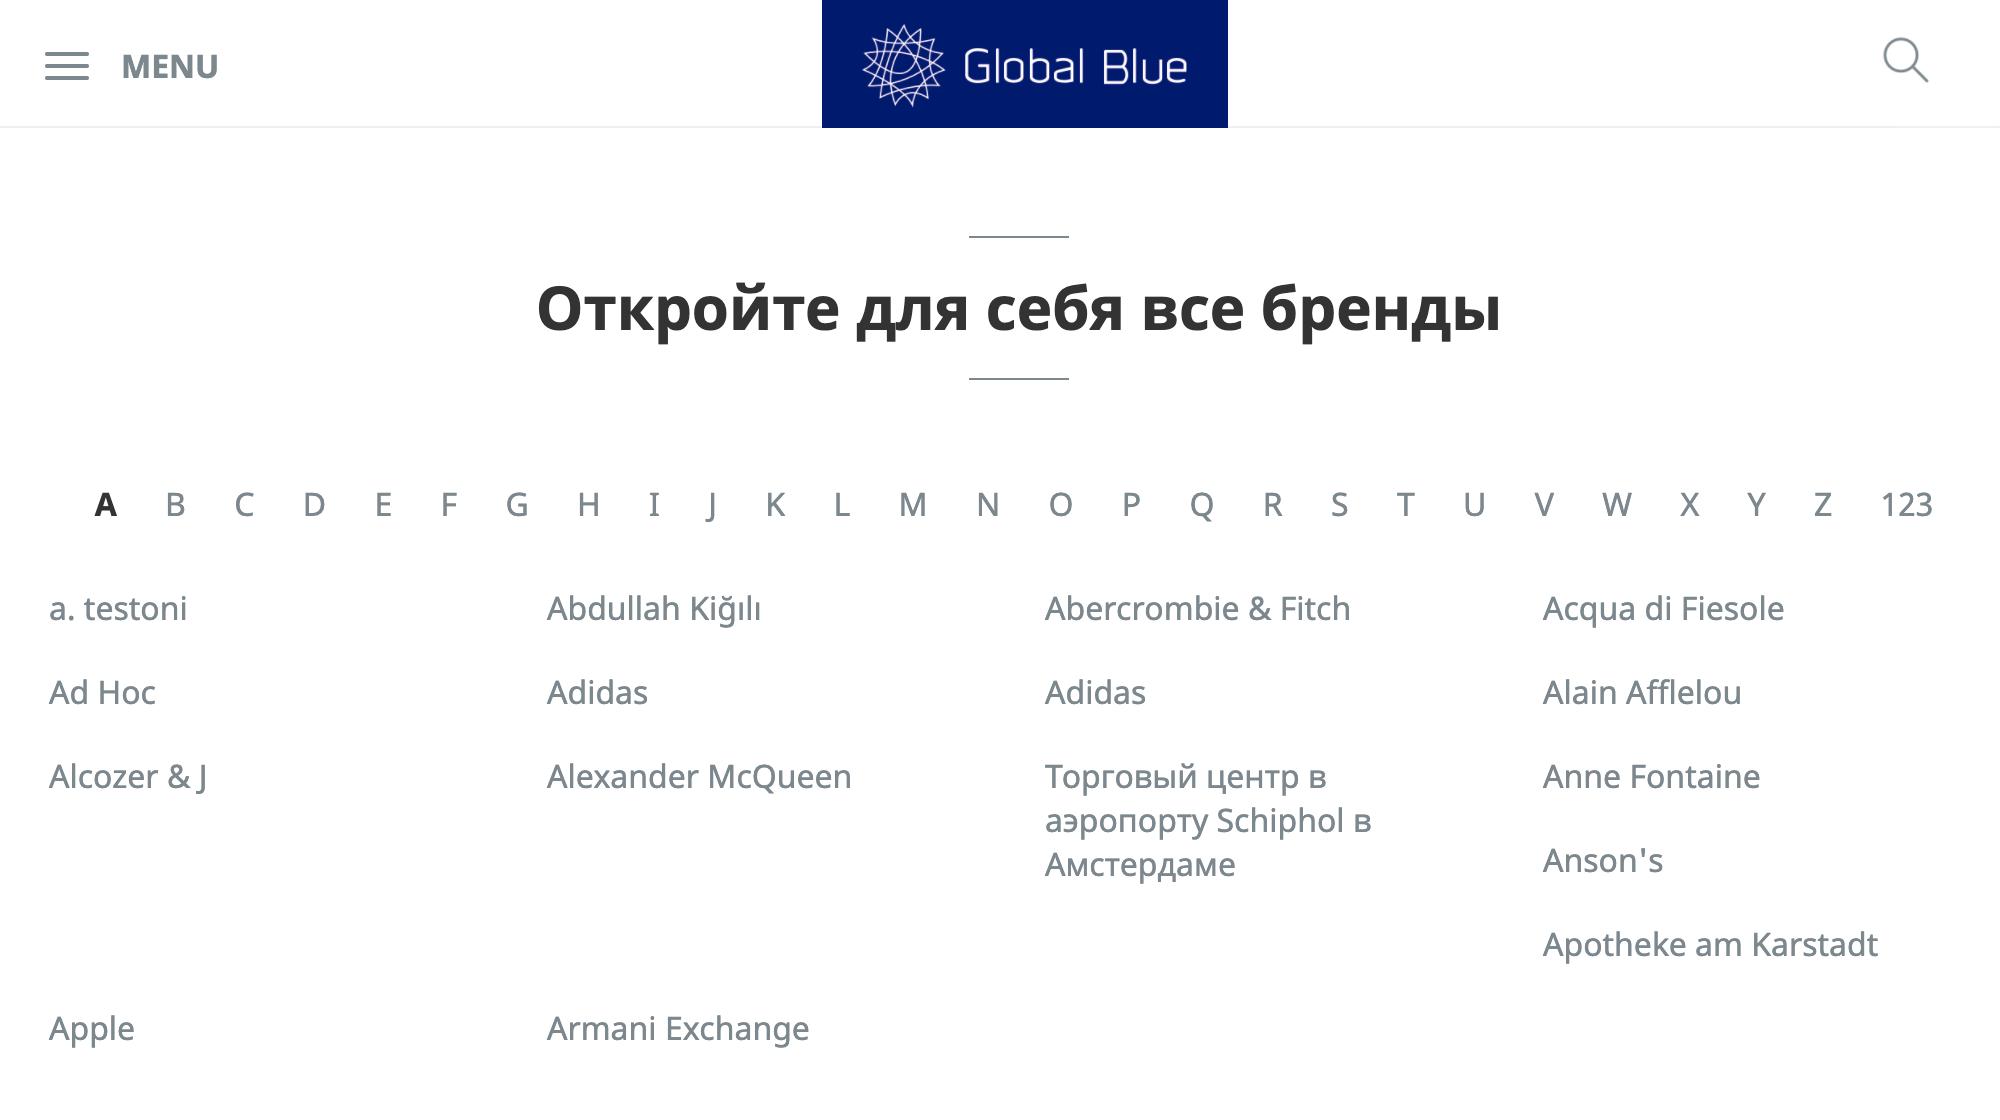 Например, на сайте одного из операторов по возврату такс-фри «Глобал-блю» есть список брендов, в чьих магазинах наверняка получится оформить возврат. Источник: globalblue.ru